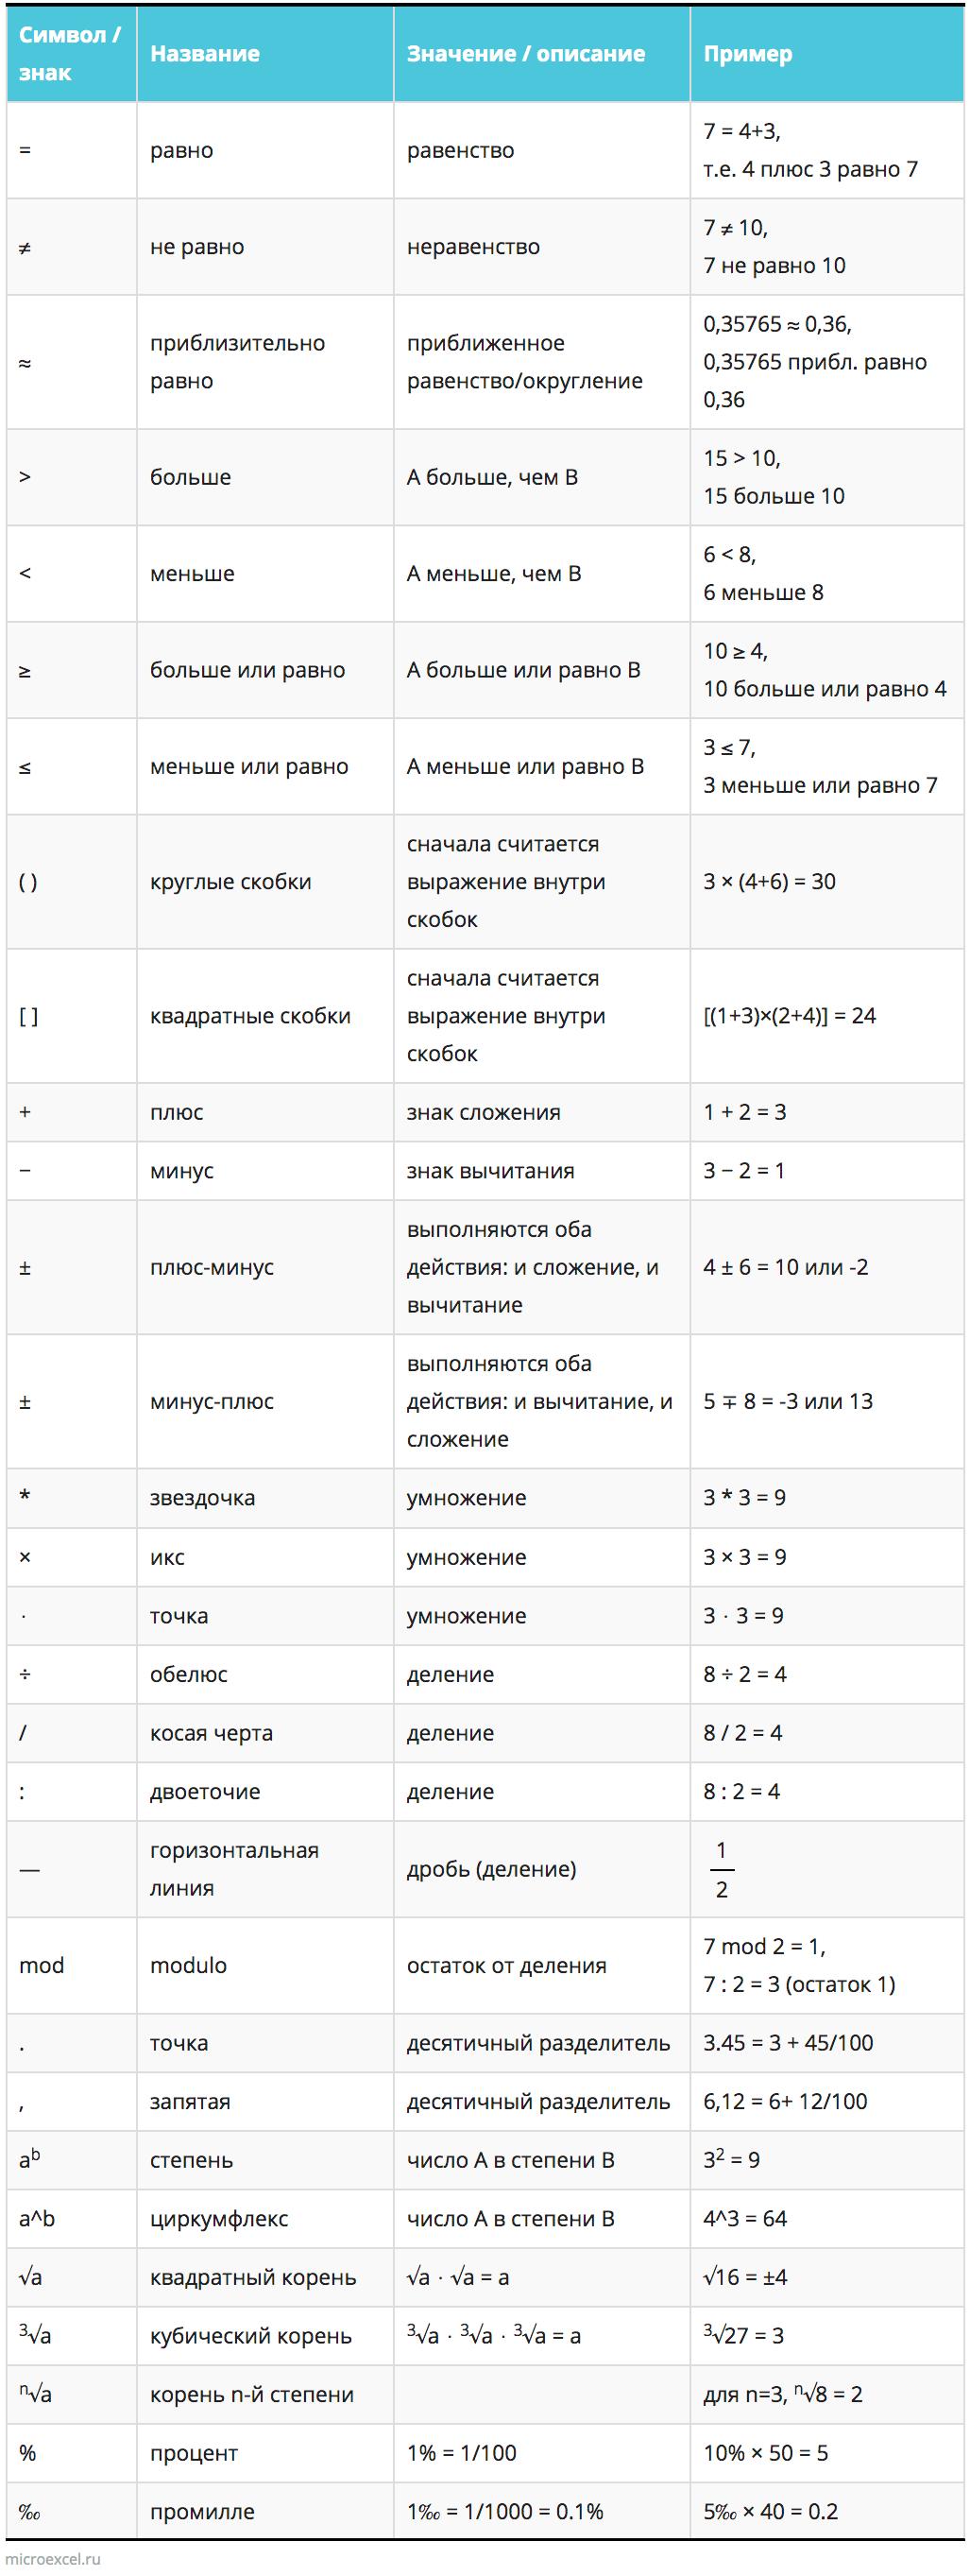 Математические знаки и символы